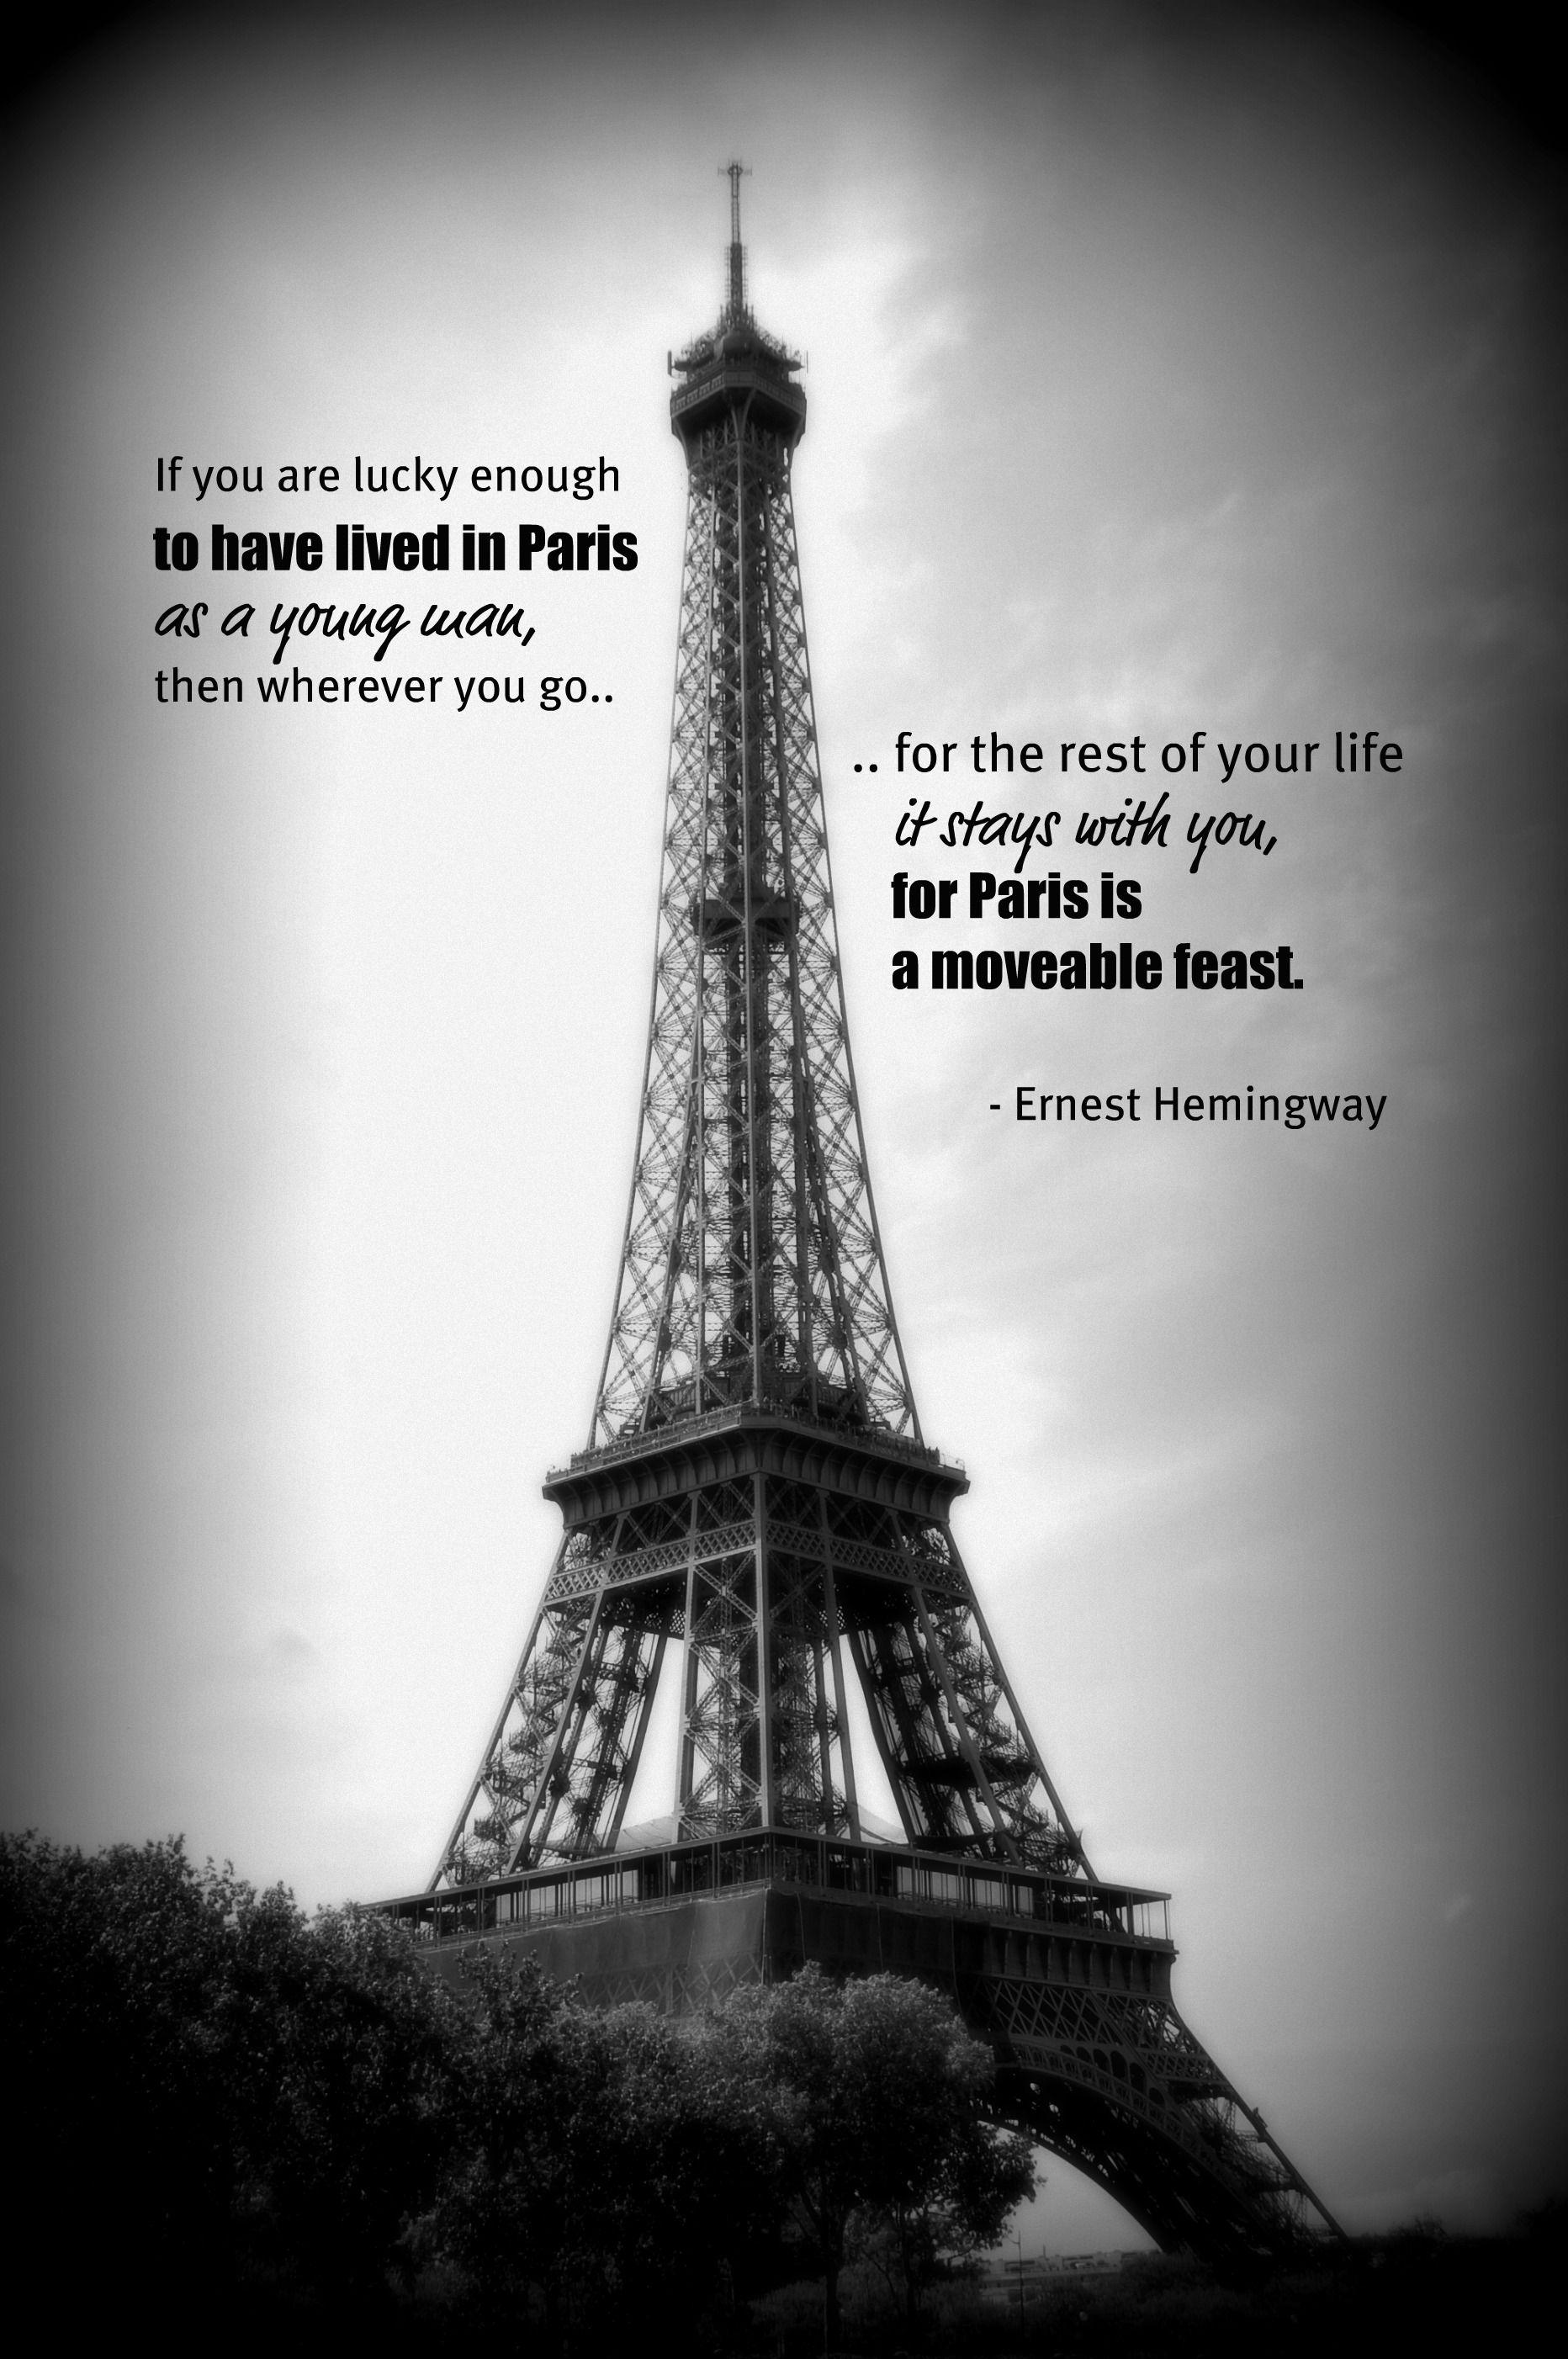 A Moveable Feast Quotes Paris Quotes Paris Ernest Hemingway